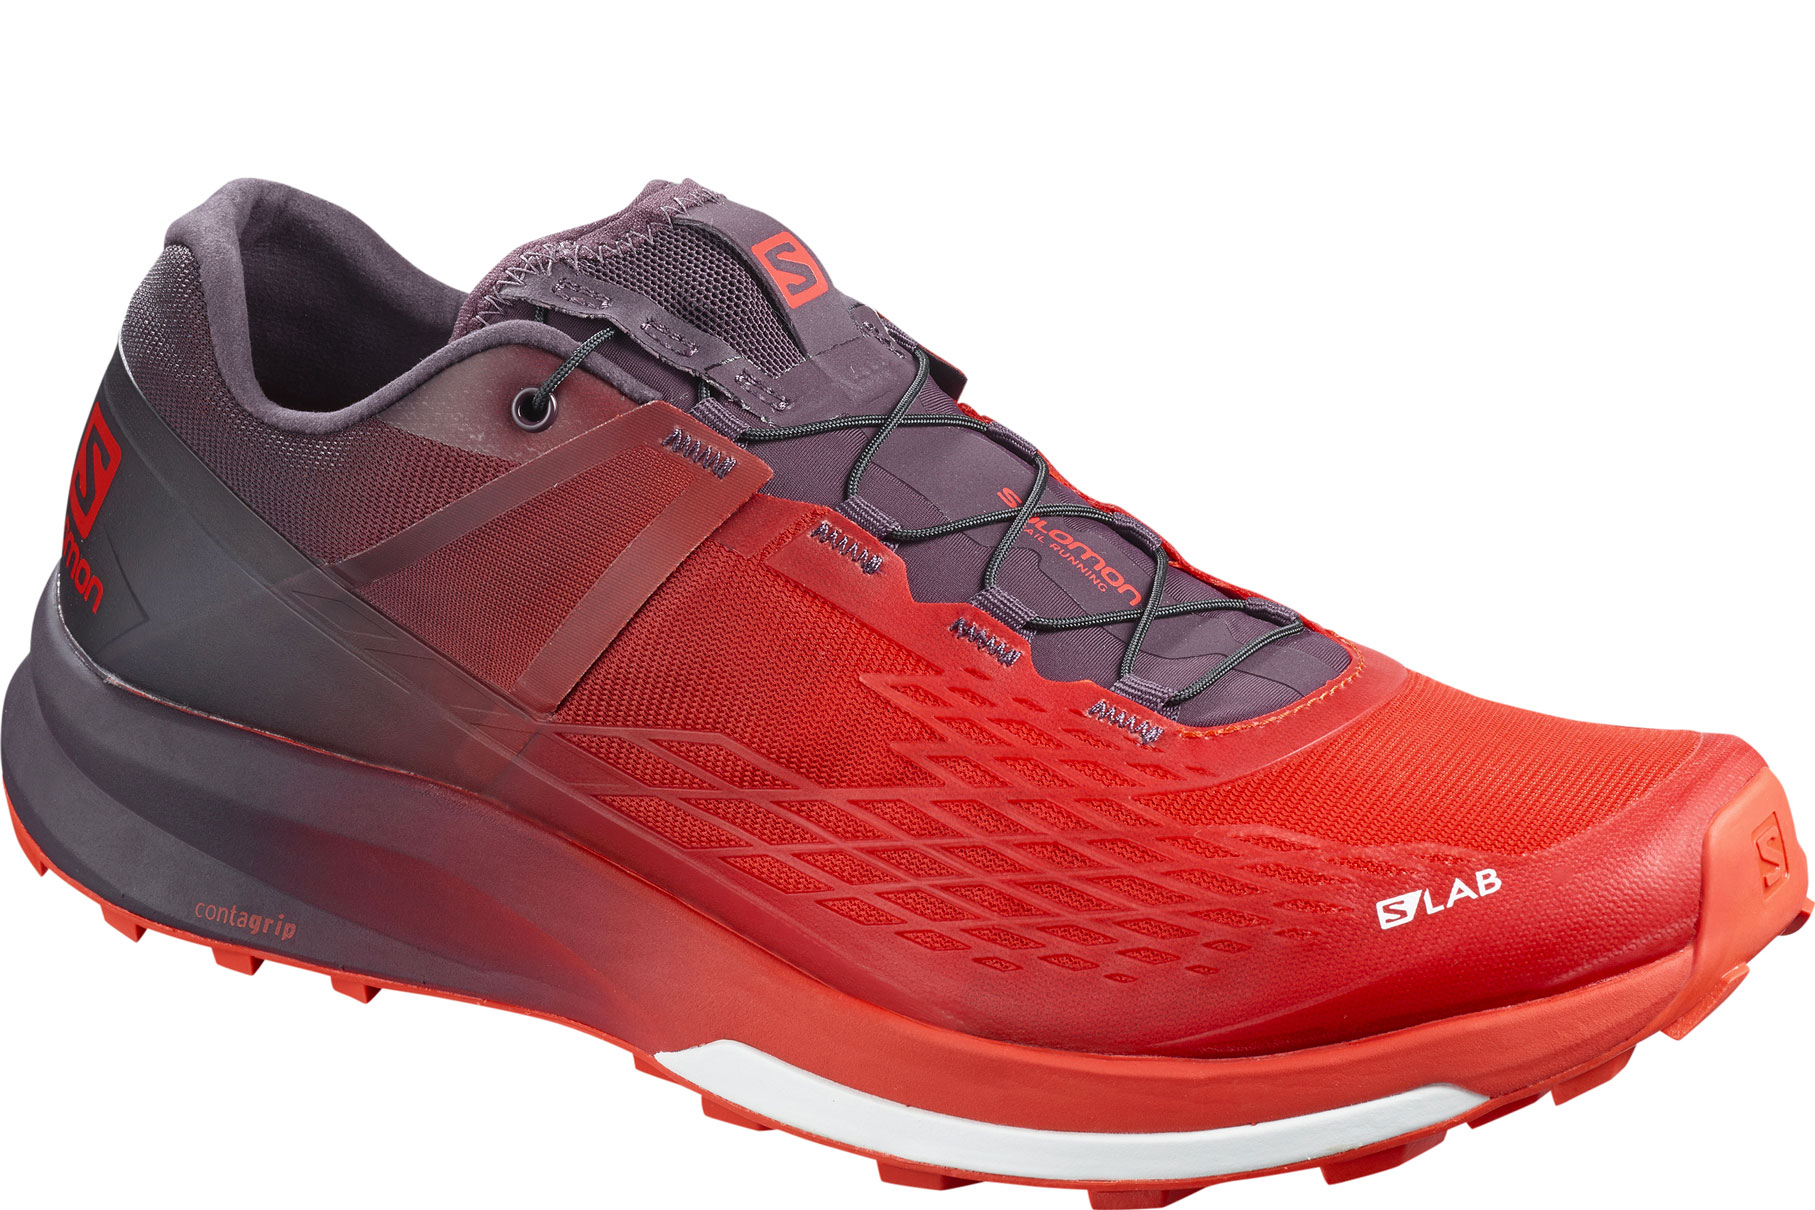 Les S/lab Ultra 2 nouvelle chaussure Salomon 2019